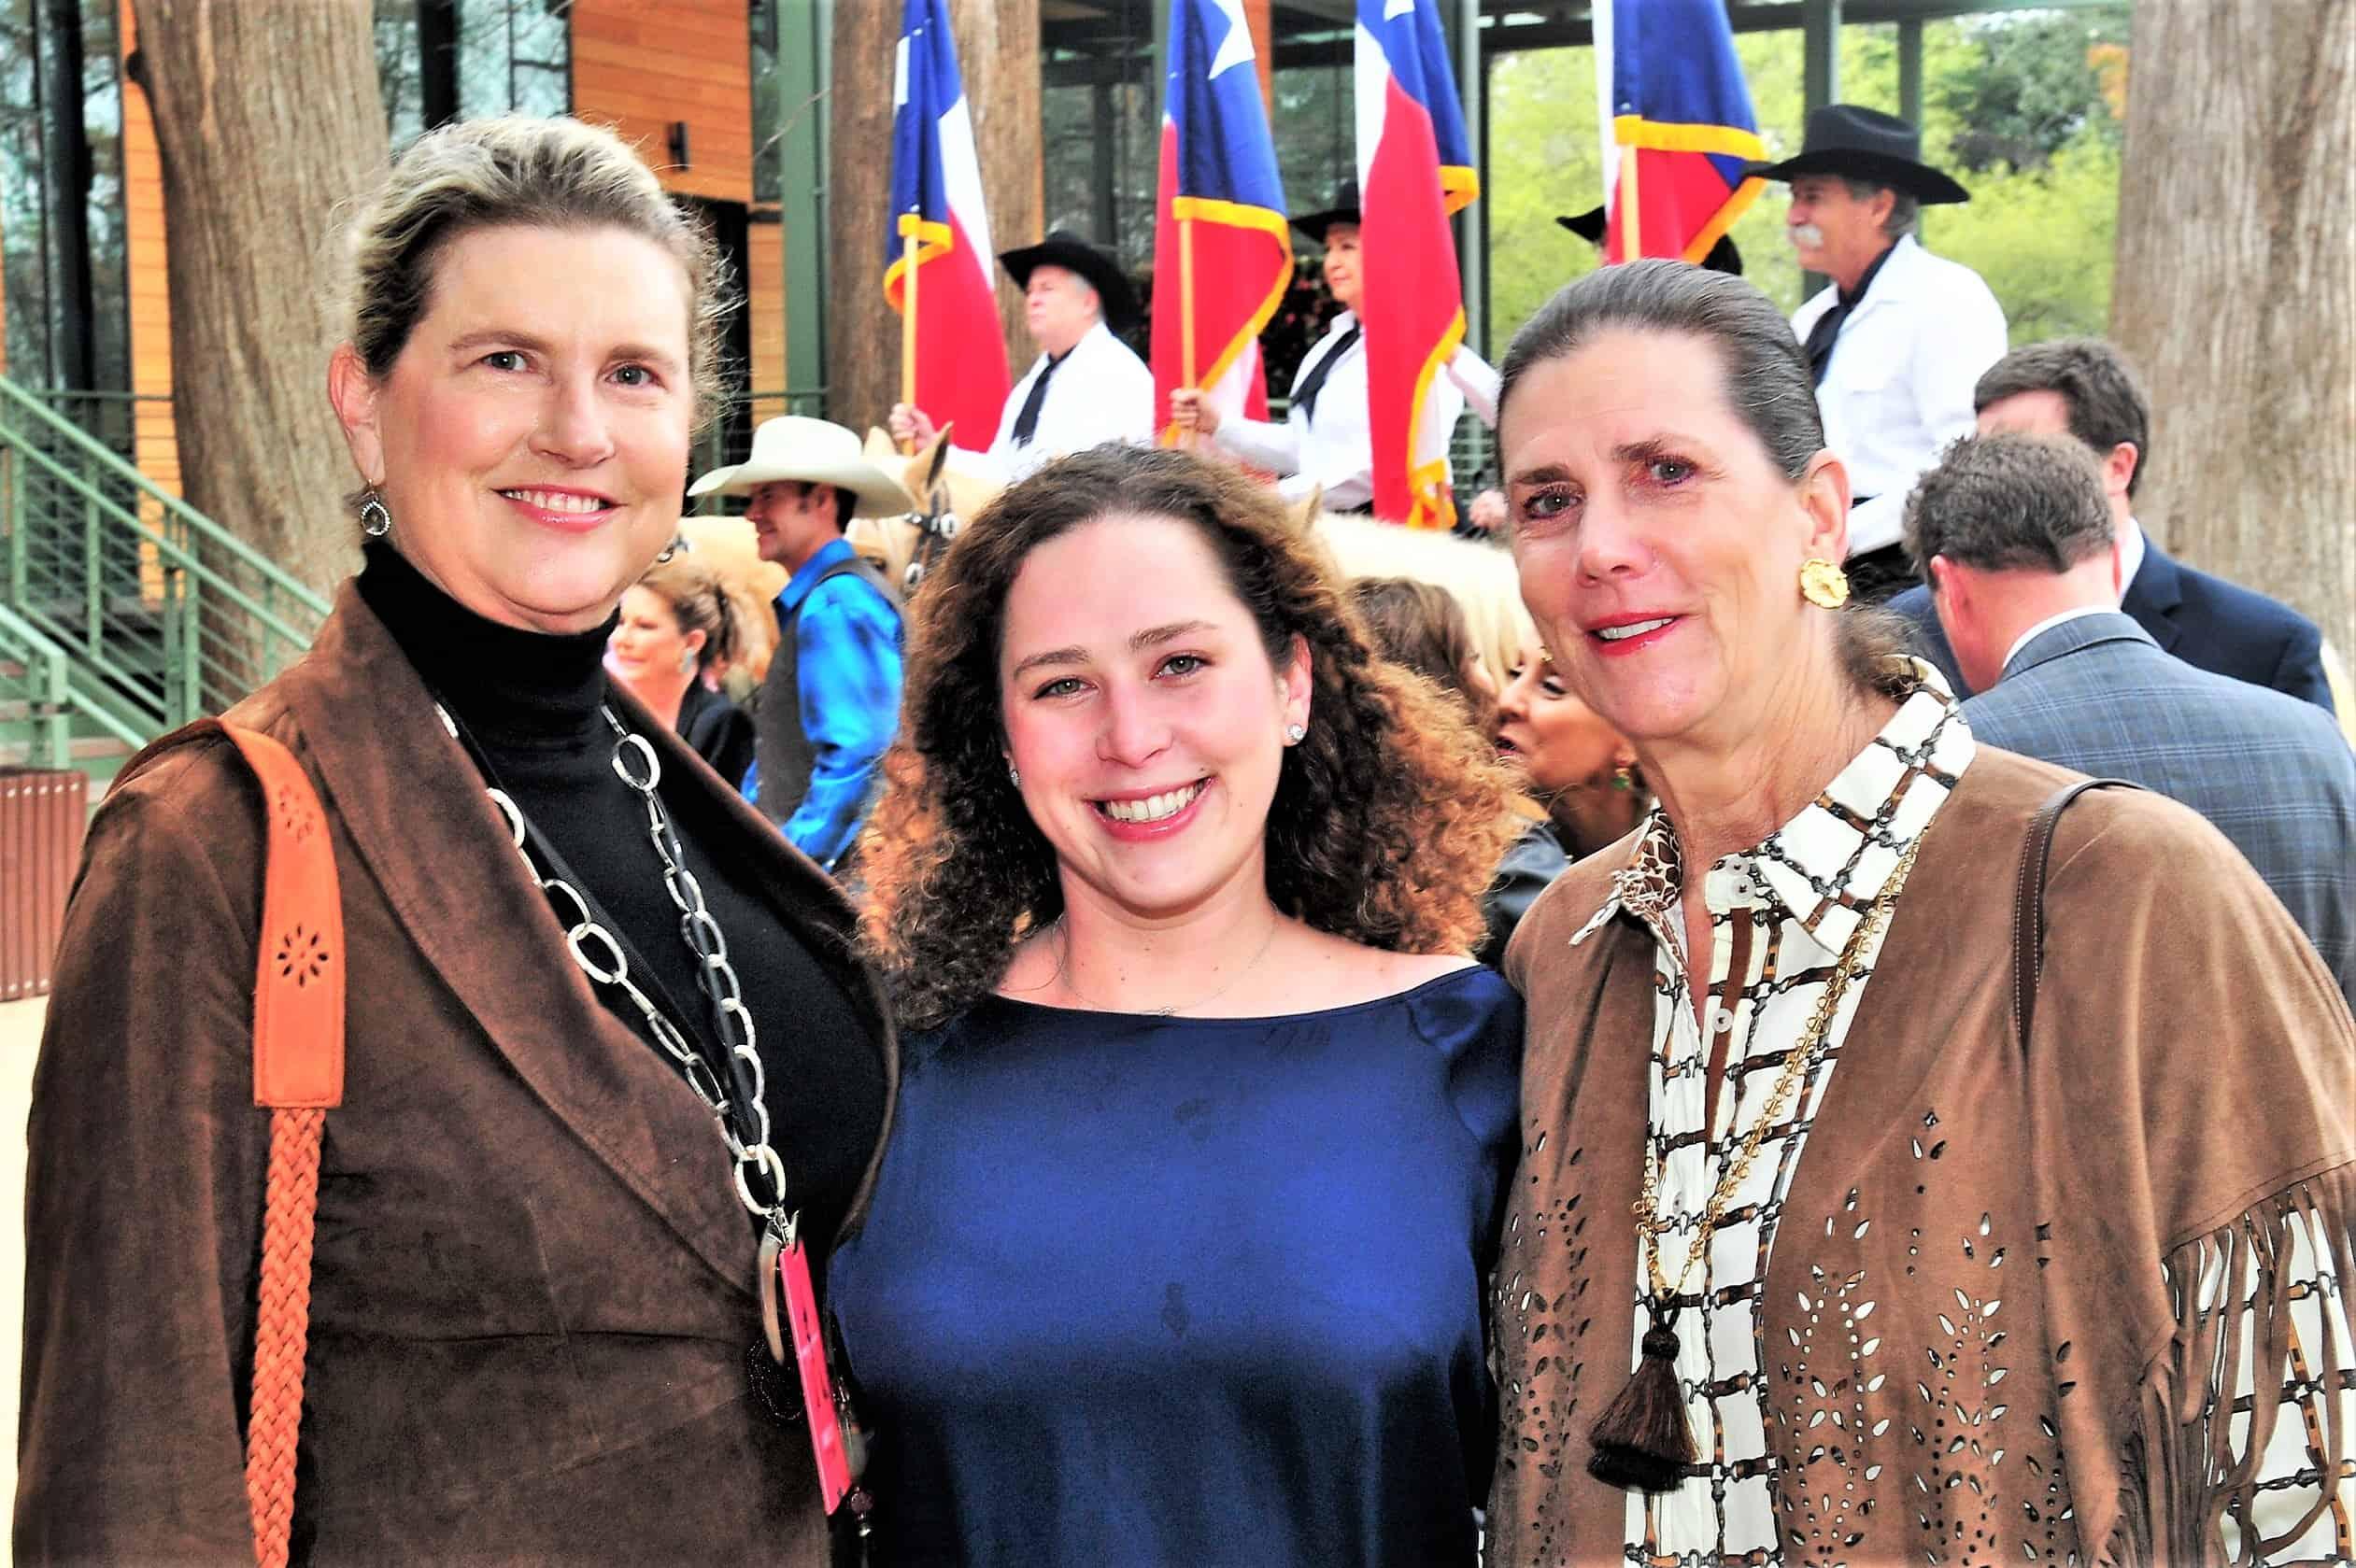 Cina Forgason, Sophie Larkin and Linda Yarborough